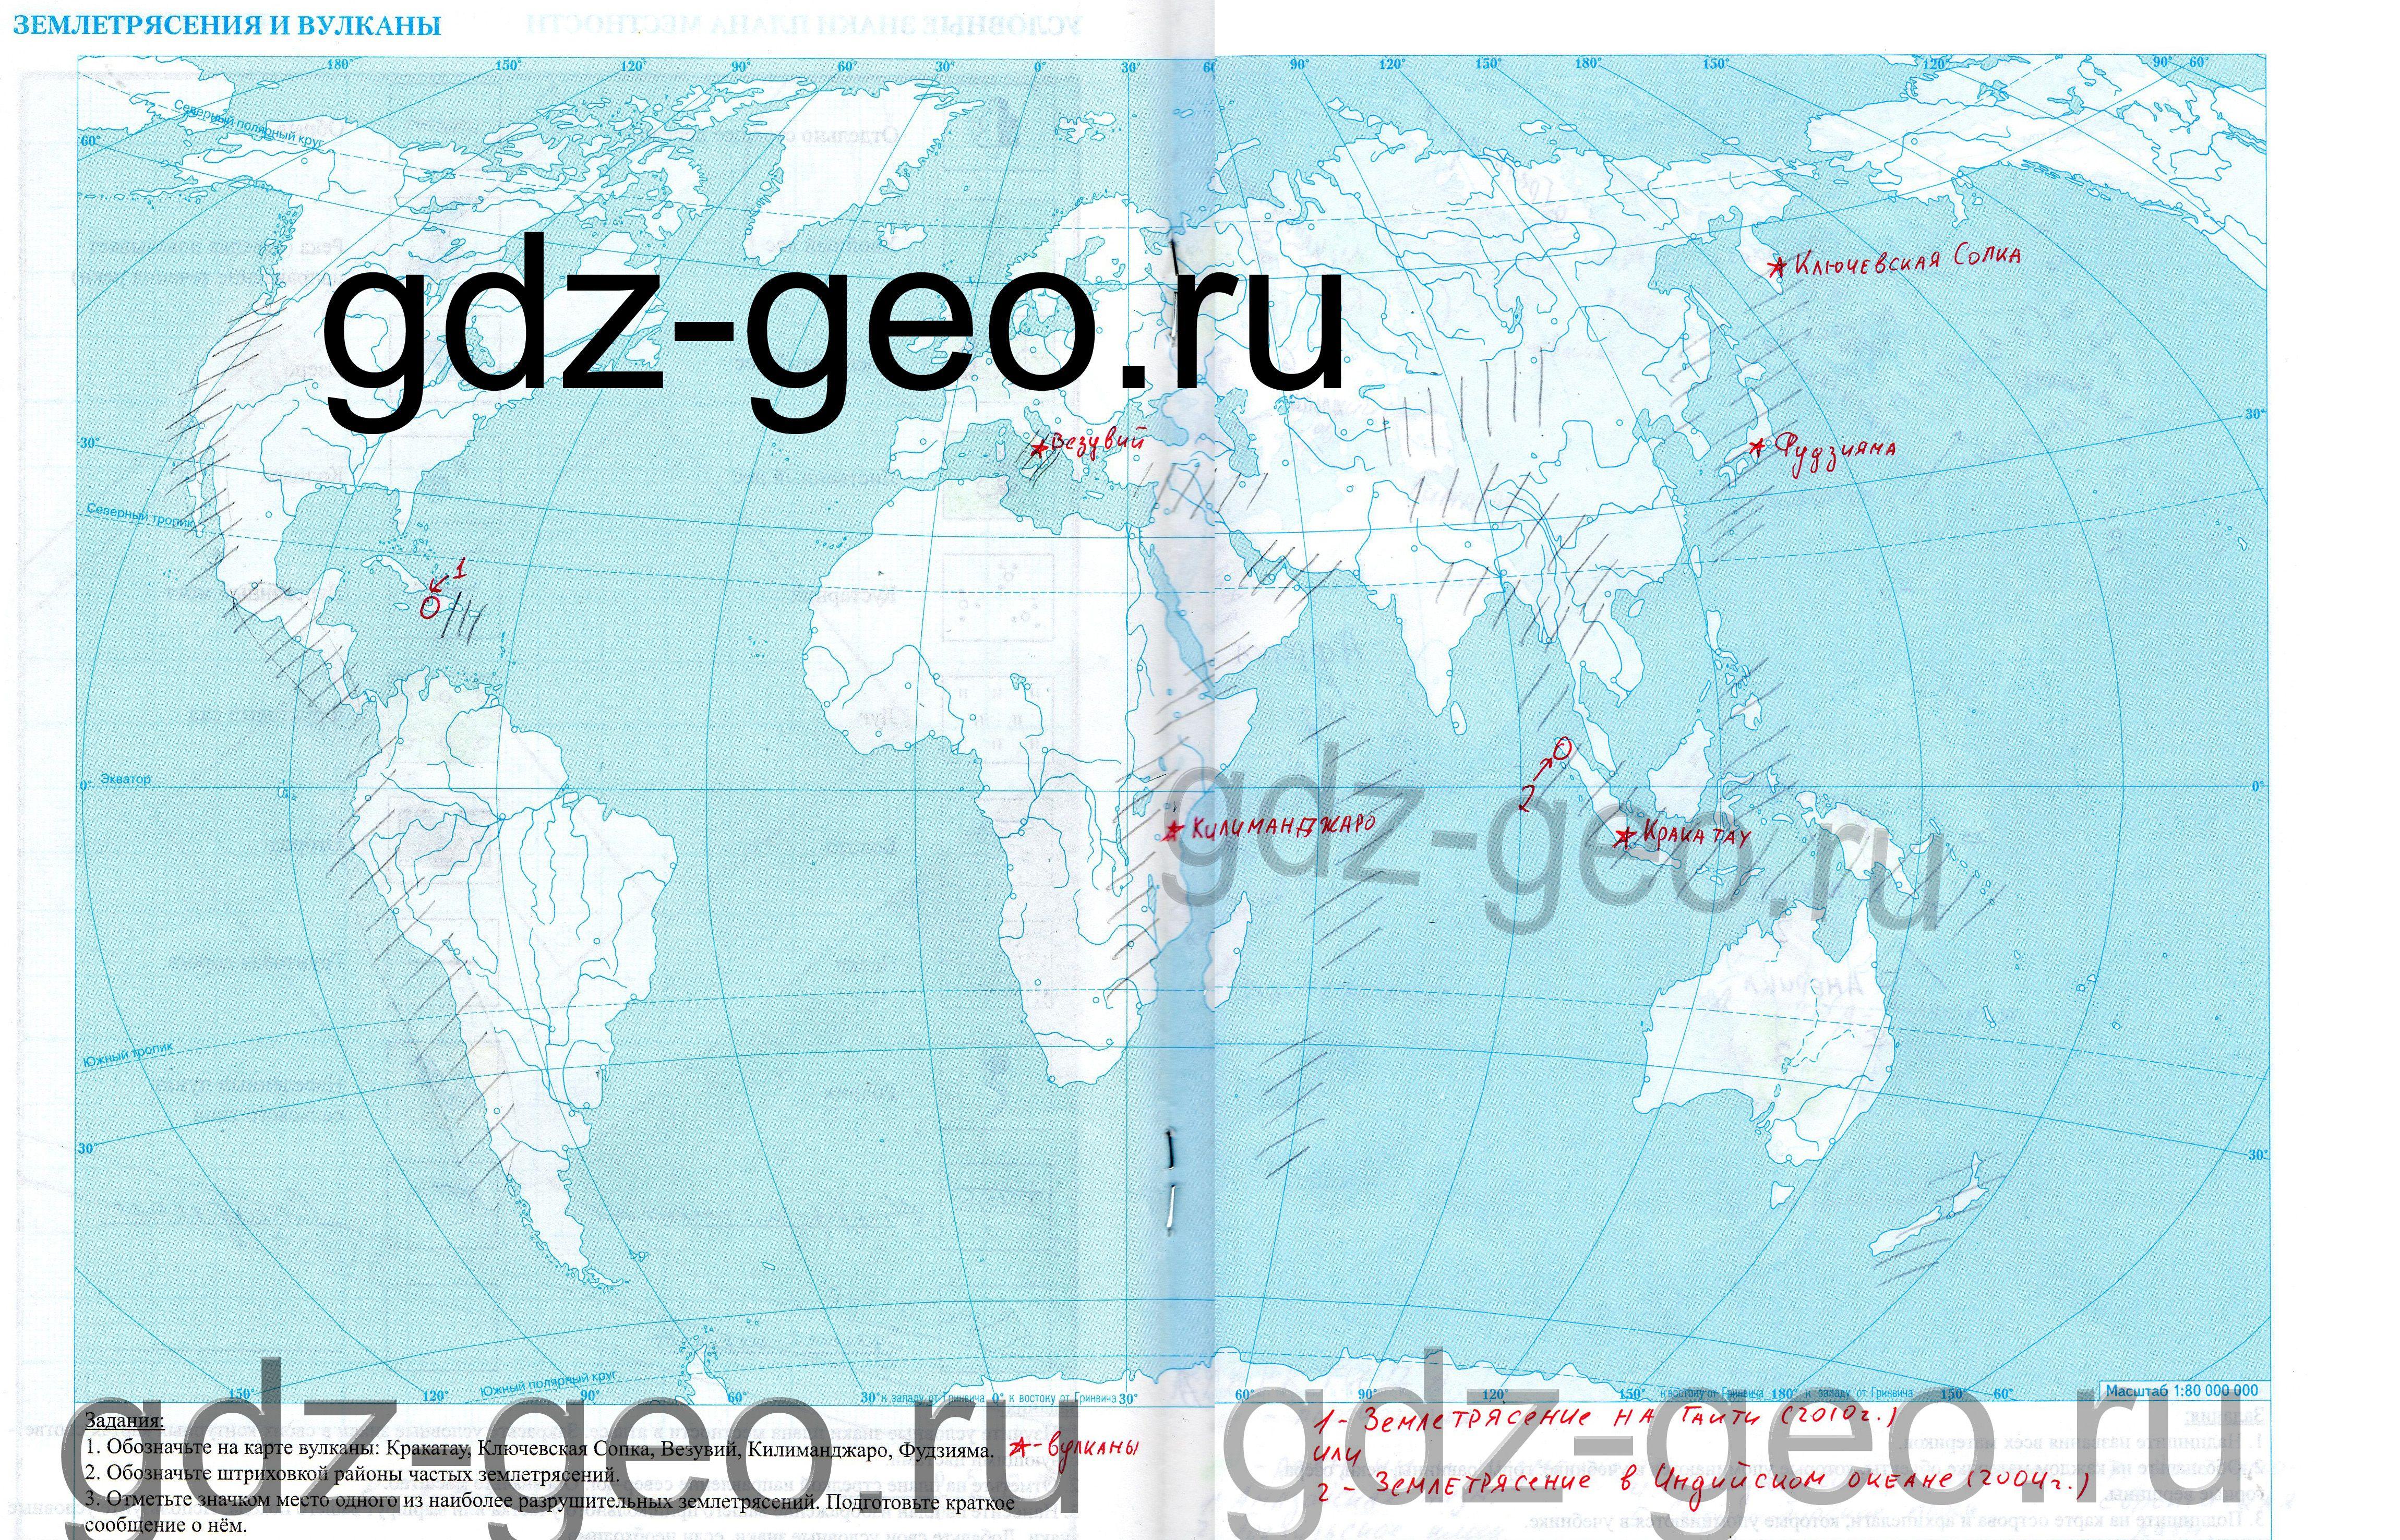 Решебник гдз по учебнику обществоведению 11 класс м.ивишневского